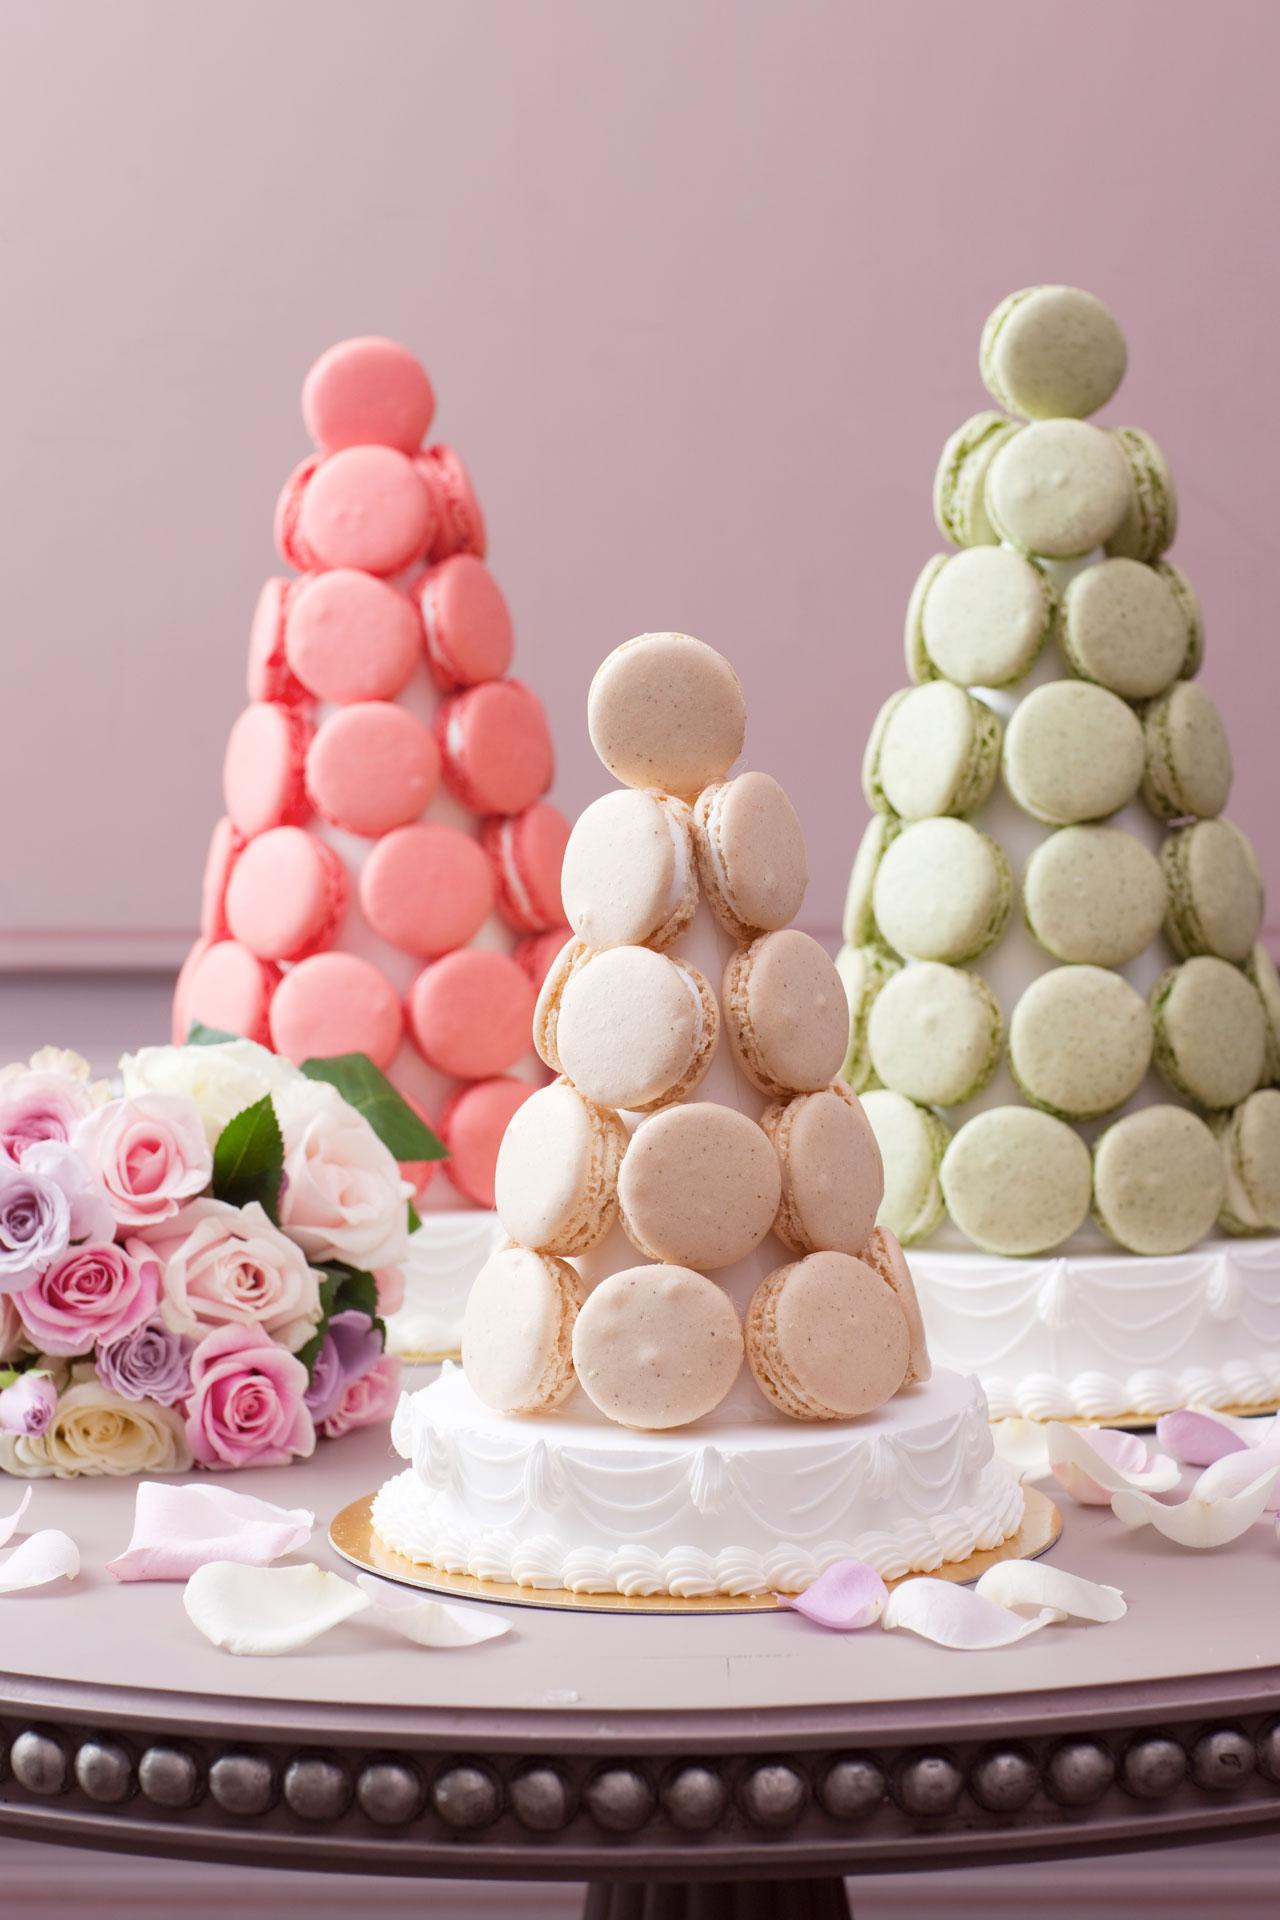 Ladurée французский макарон интервью торт свадебный фото 11